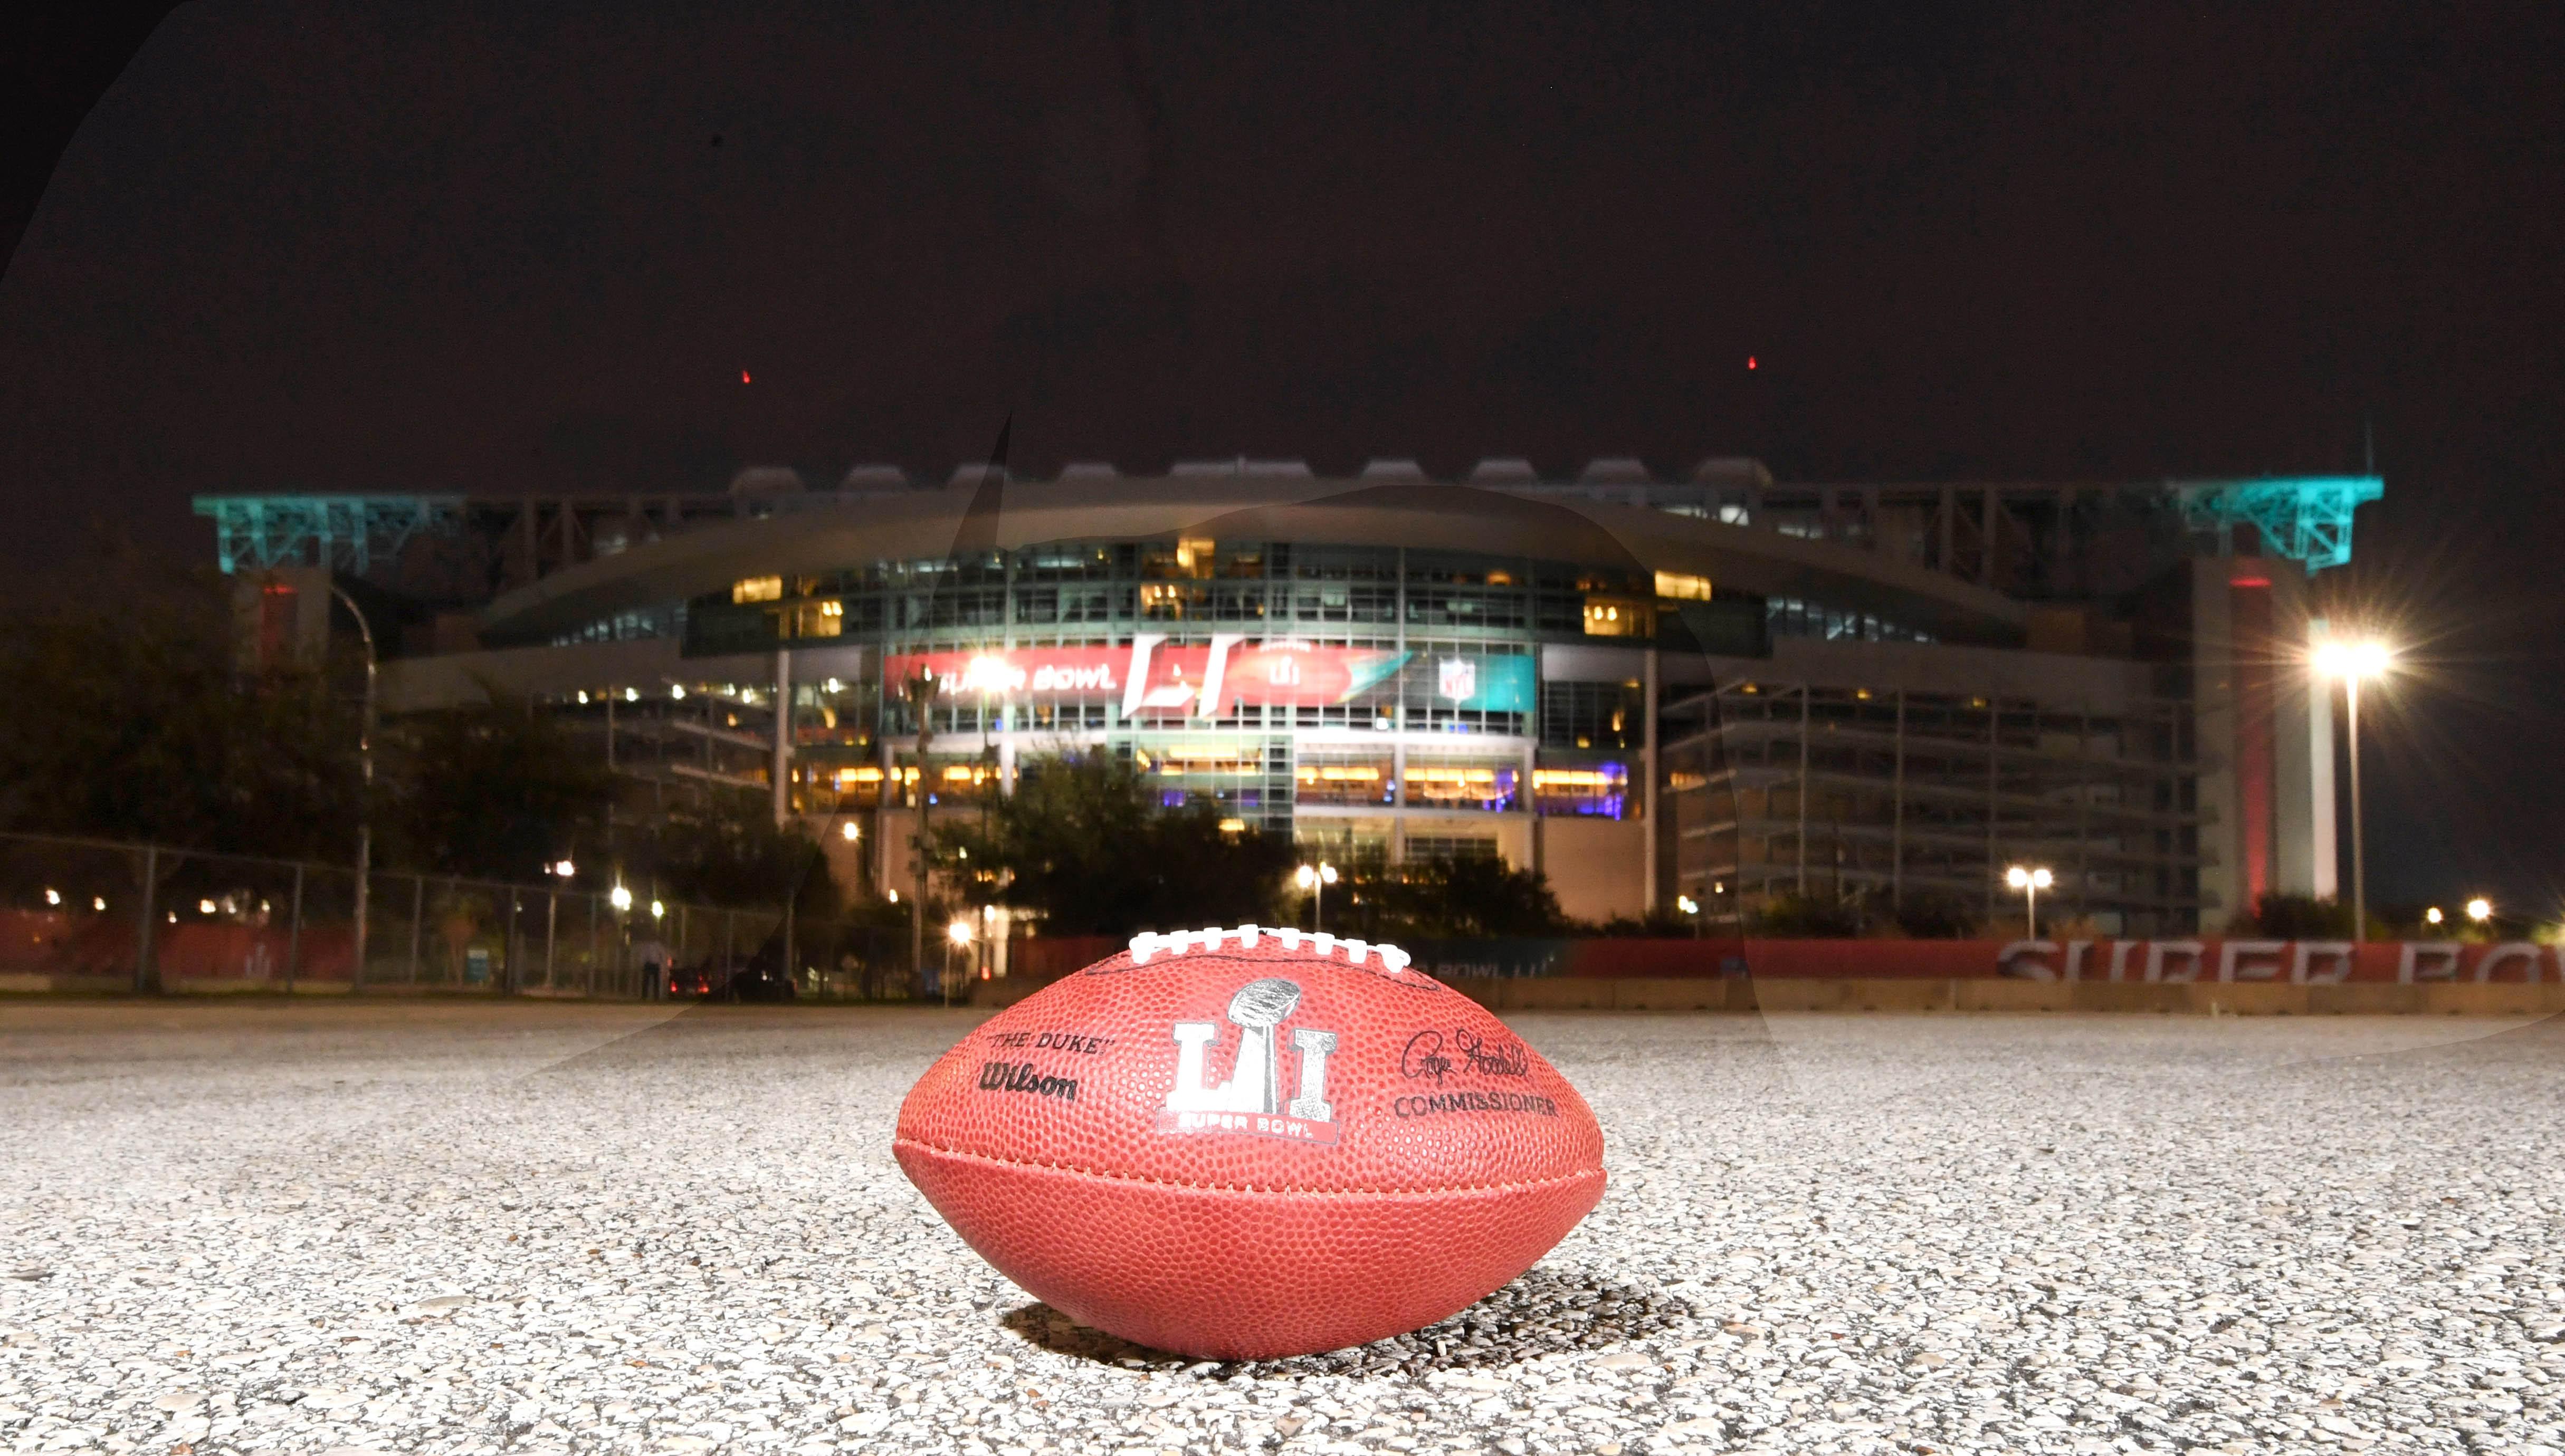 9854247-nfl-super-bowl-li-nrg-stadium-views